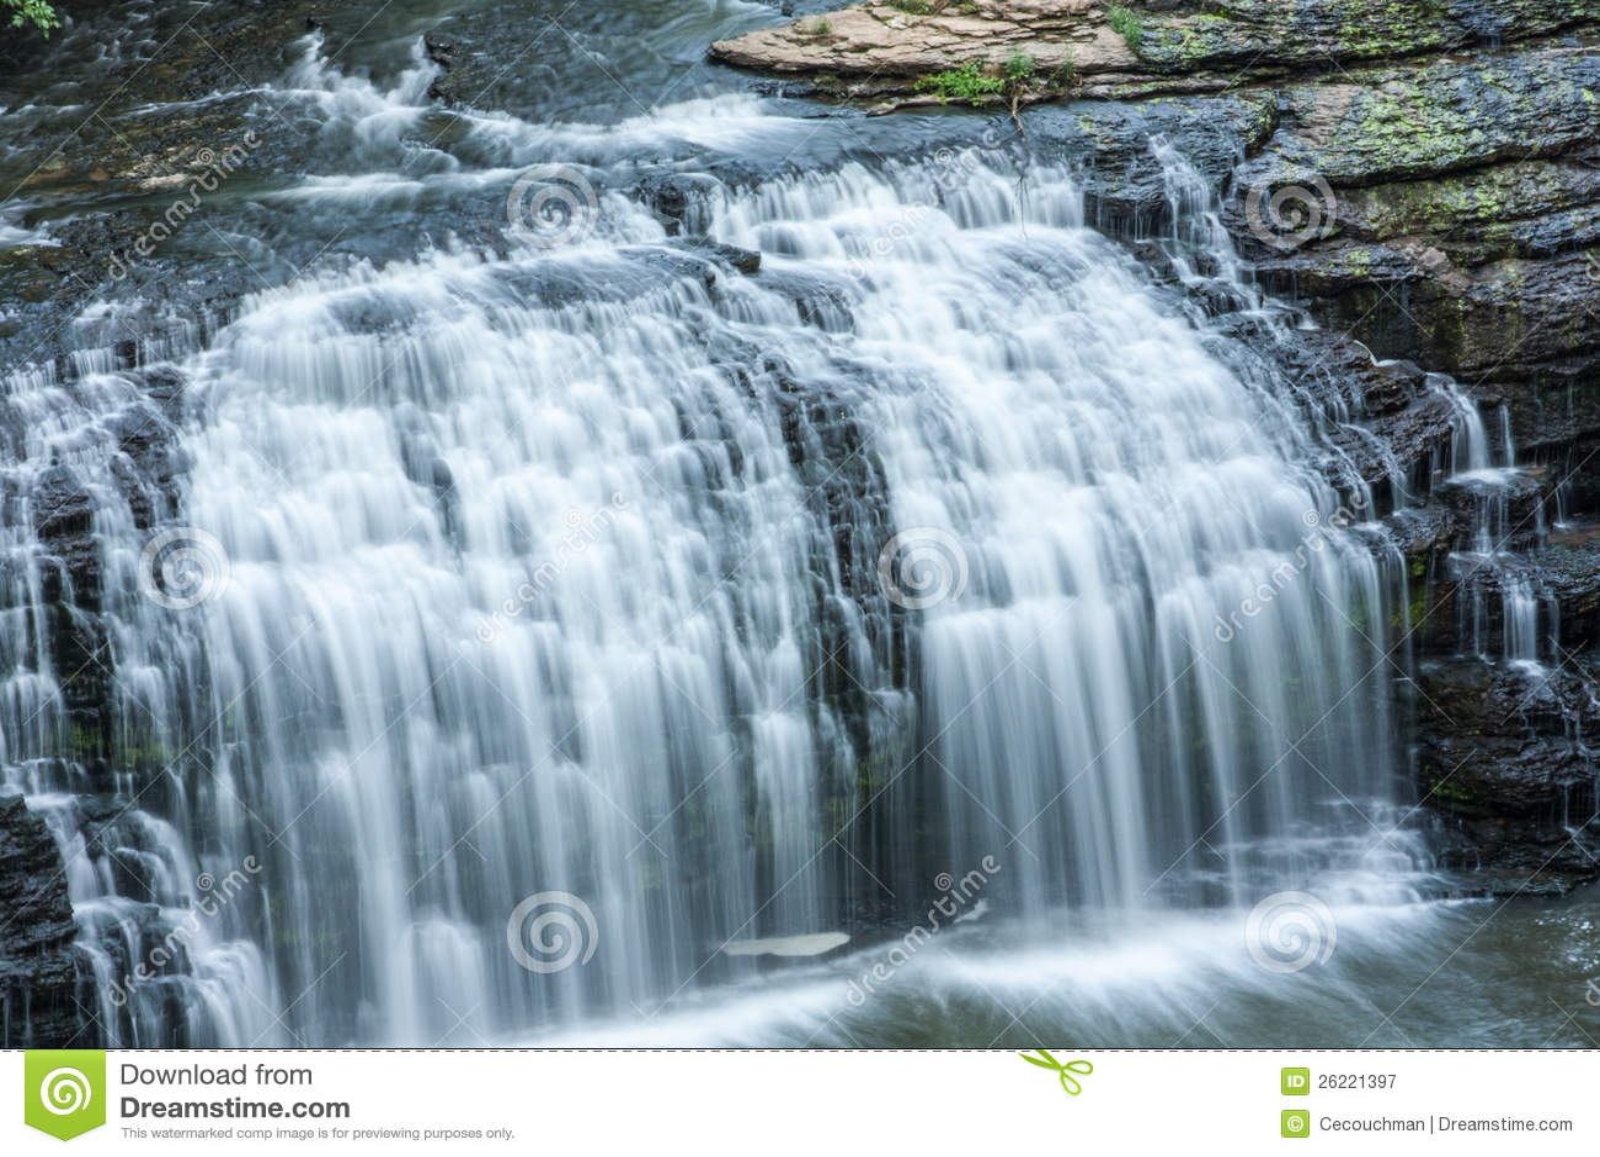 agua que conecta en cascada sobre rocas imagen de archivo